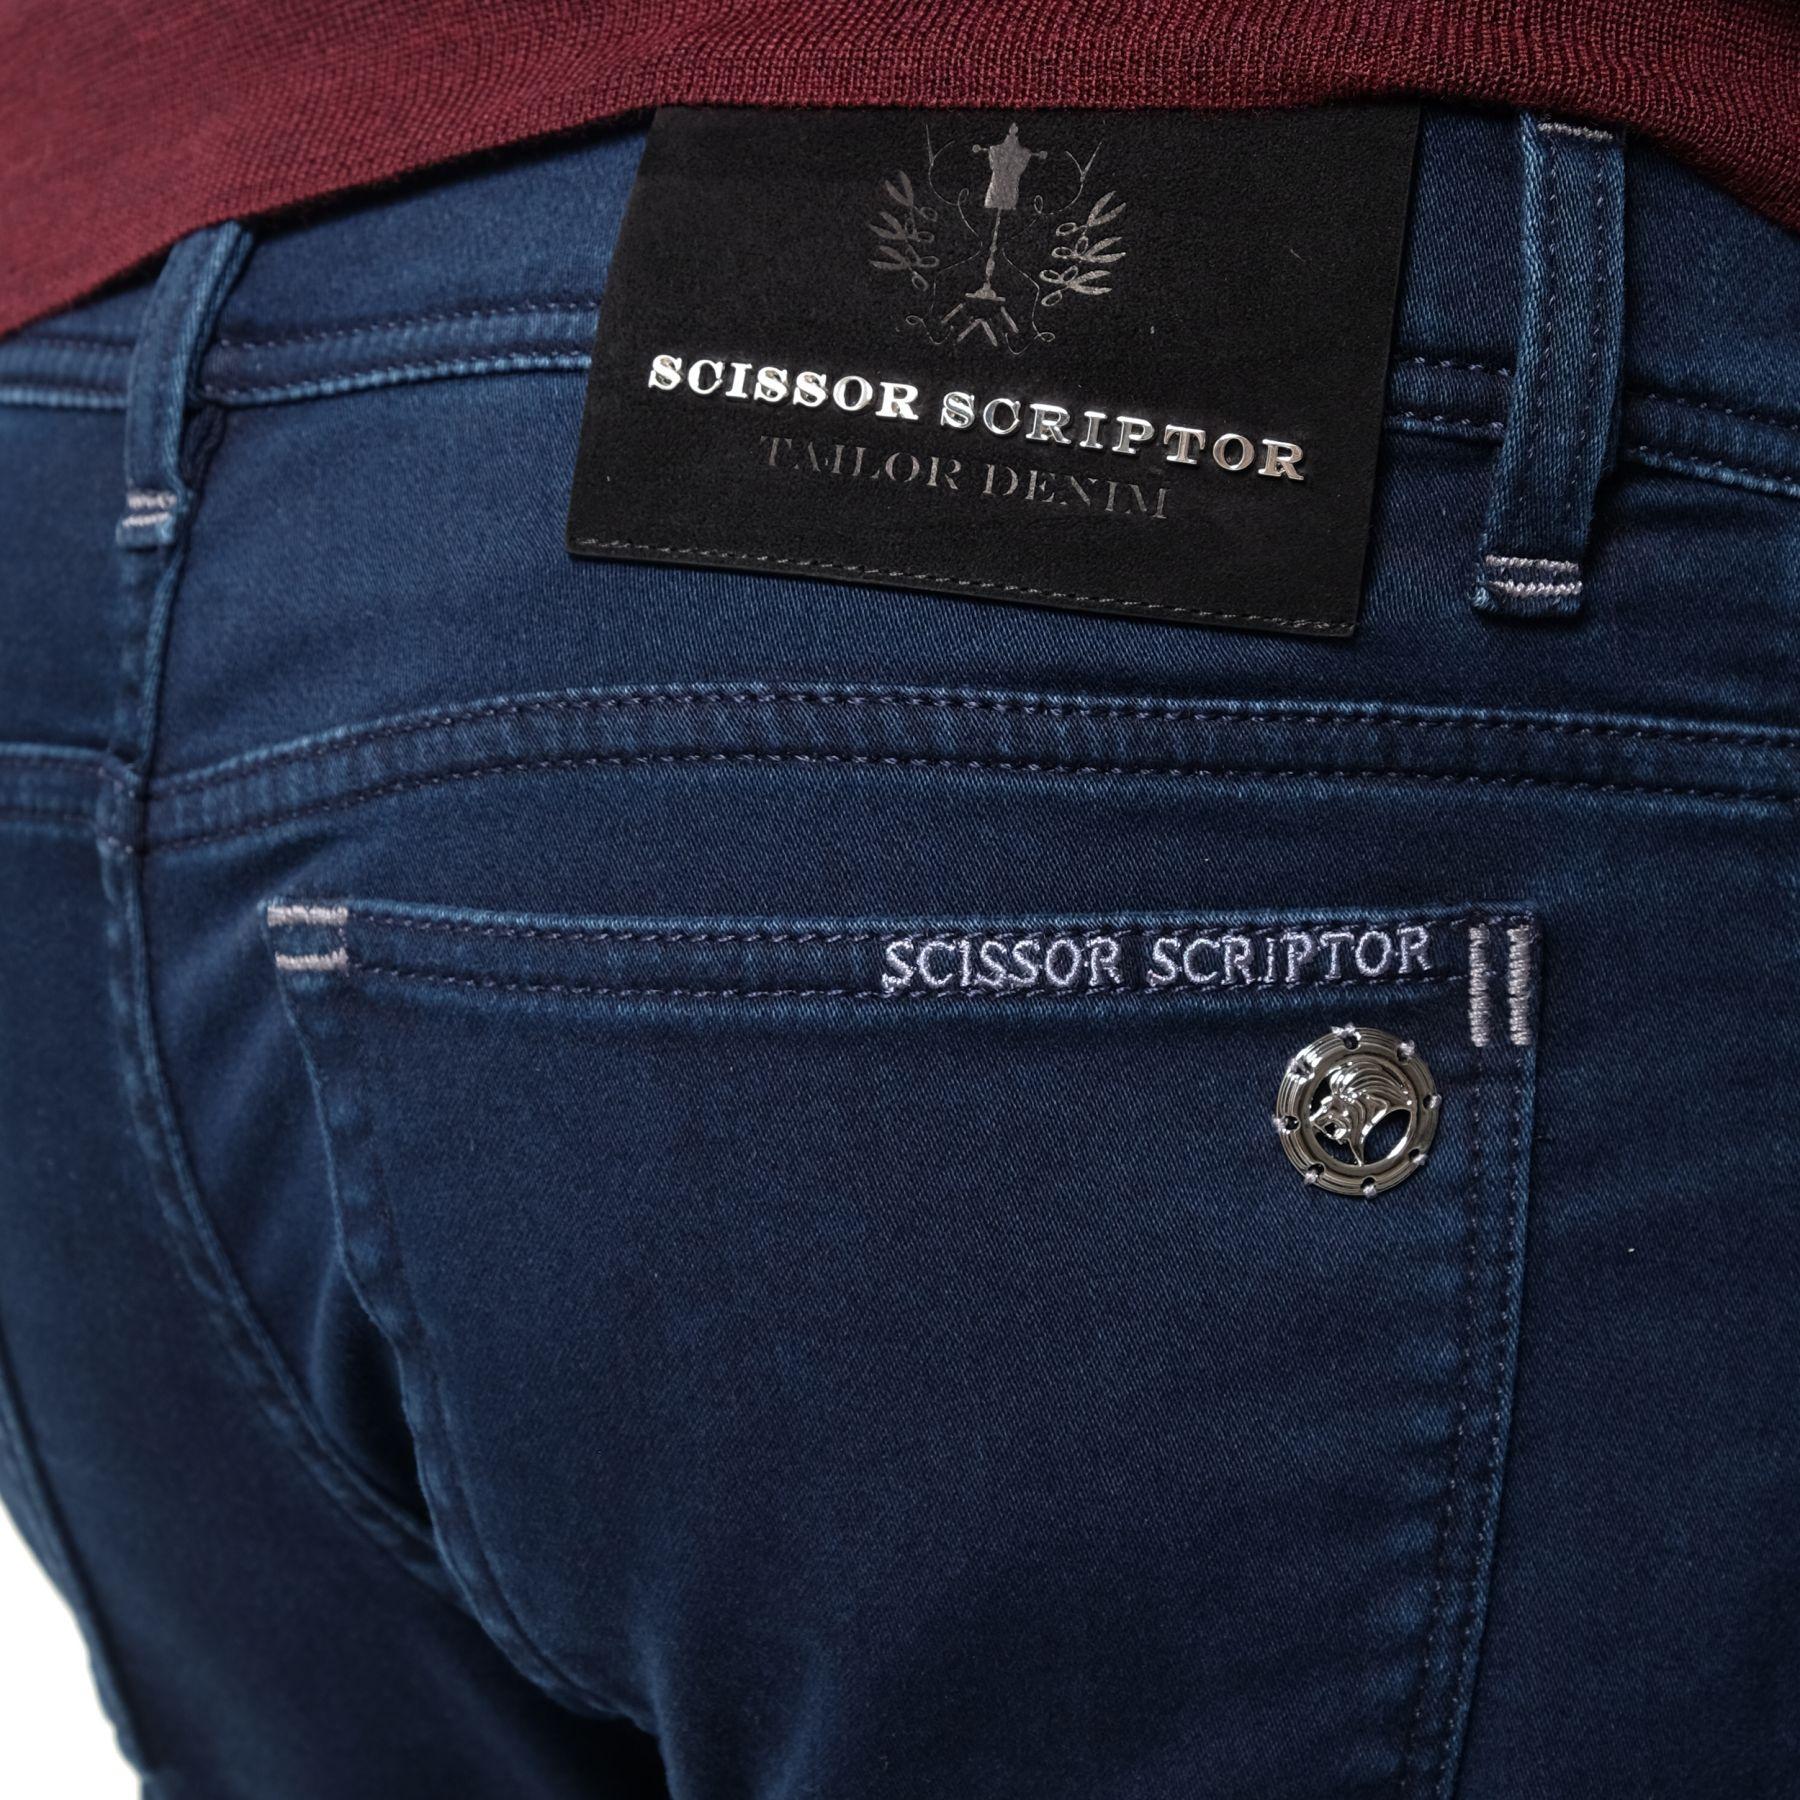 Джинсы Scissor Scriptor темно-синие